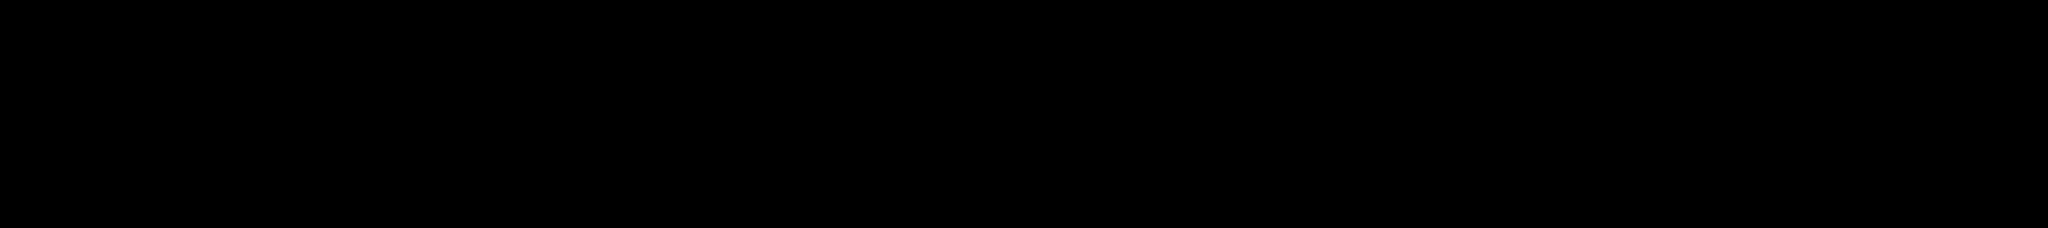 UNBiennale-a05-05-05